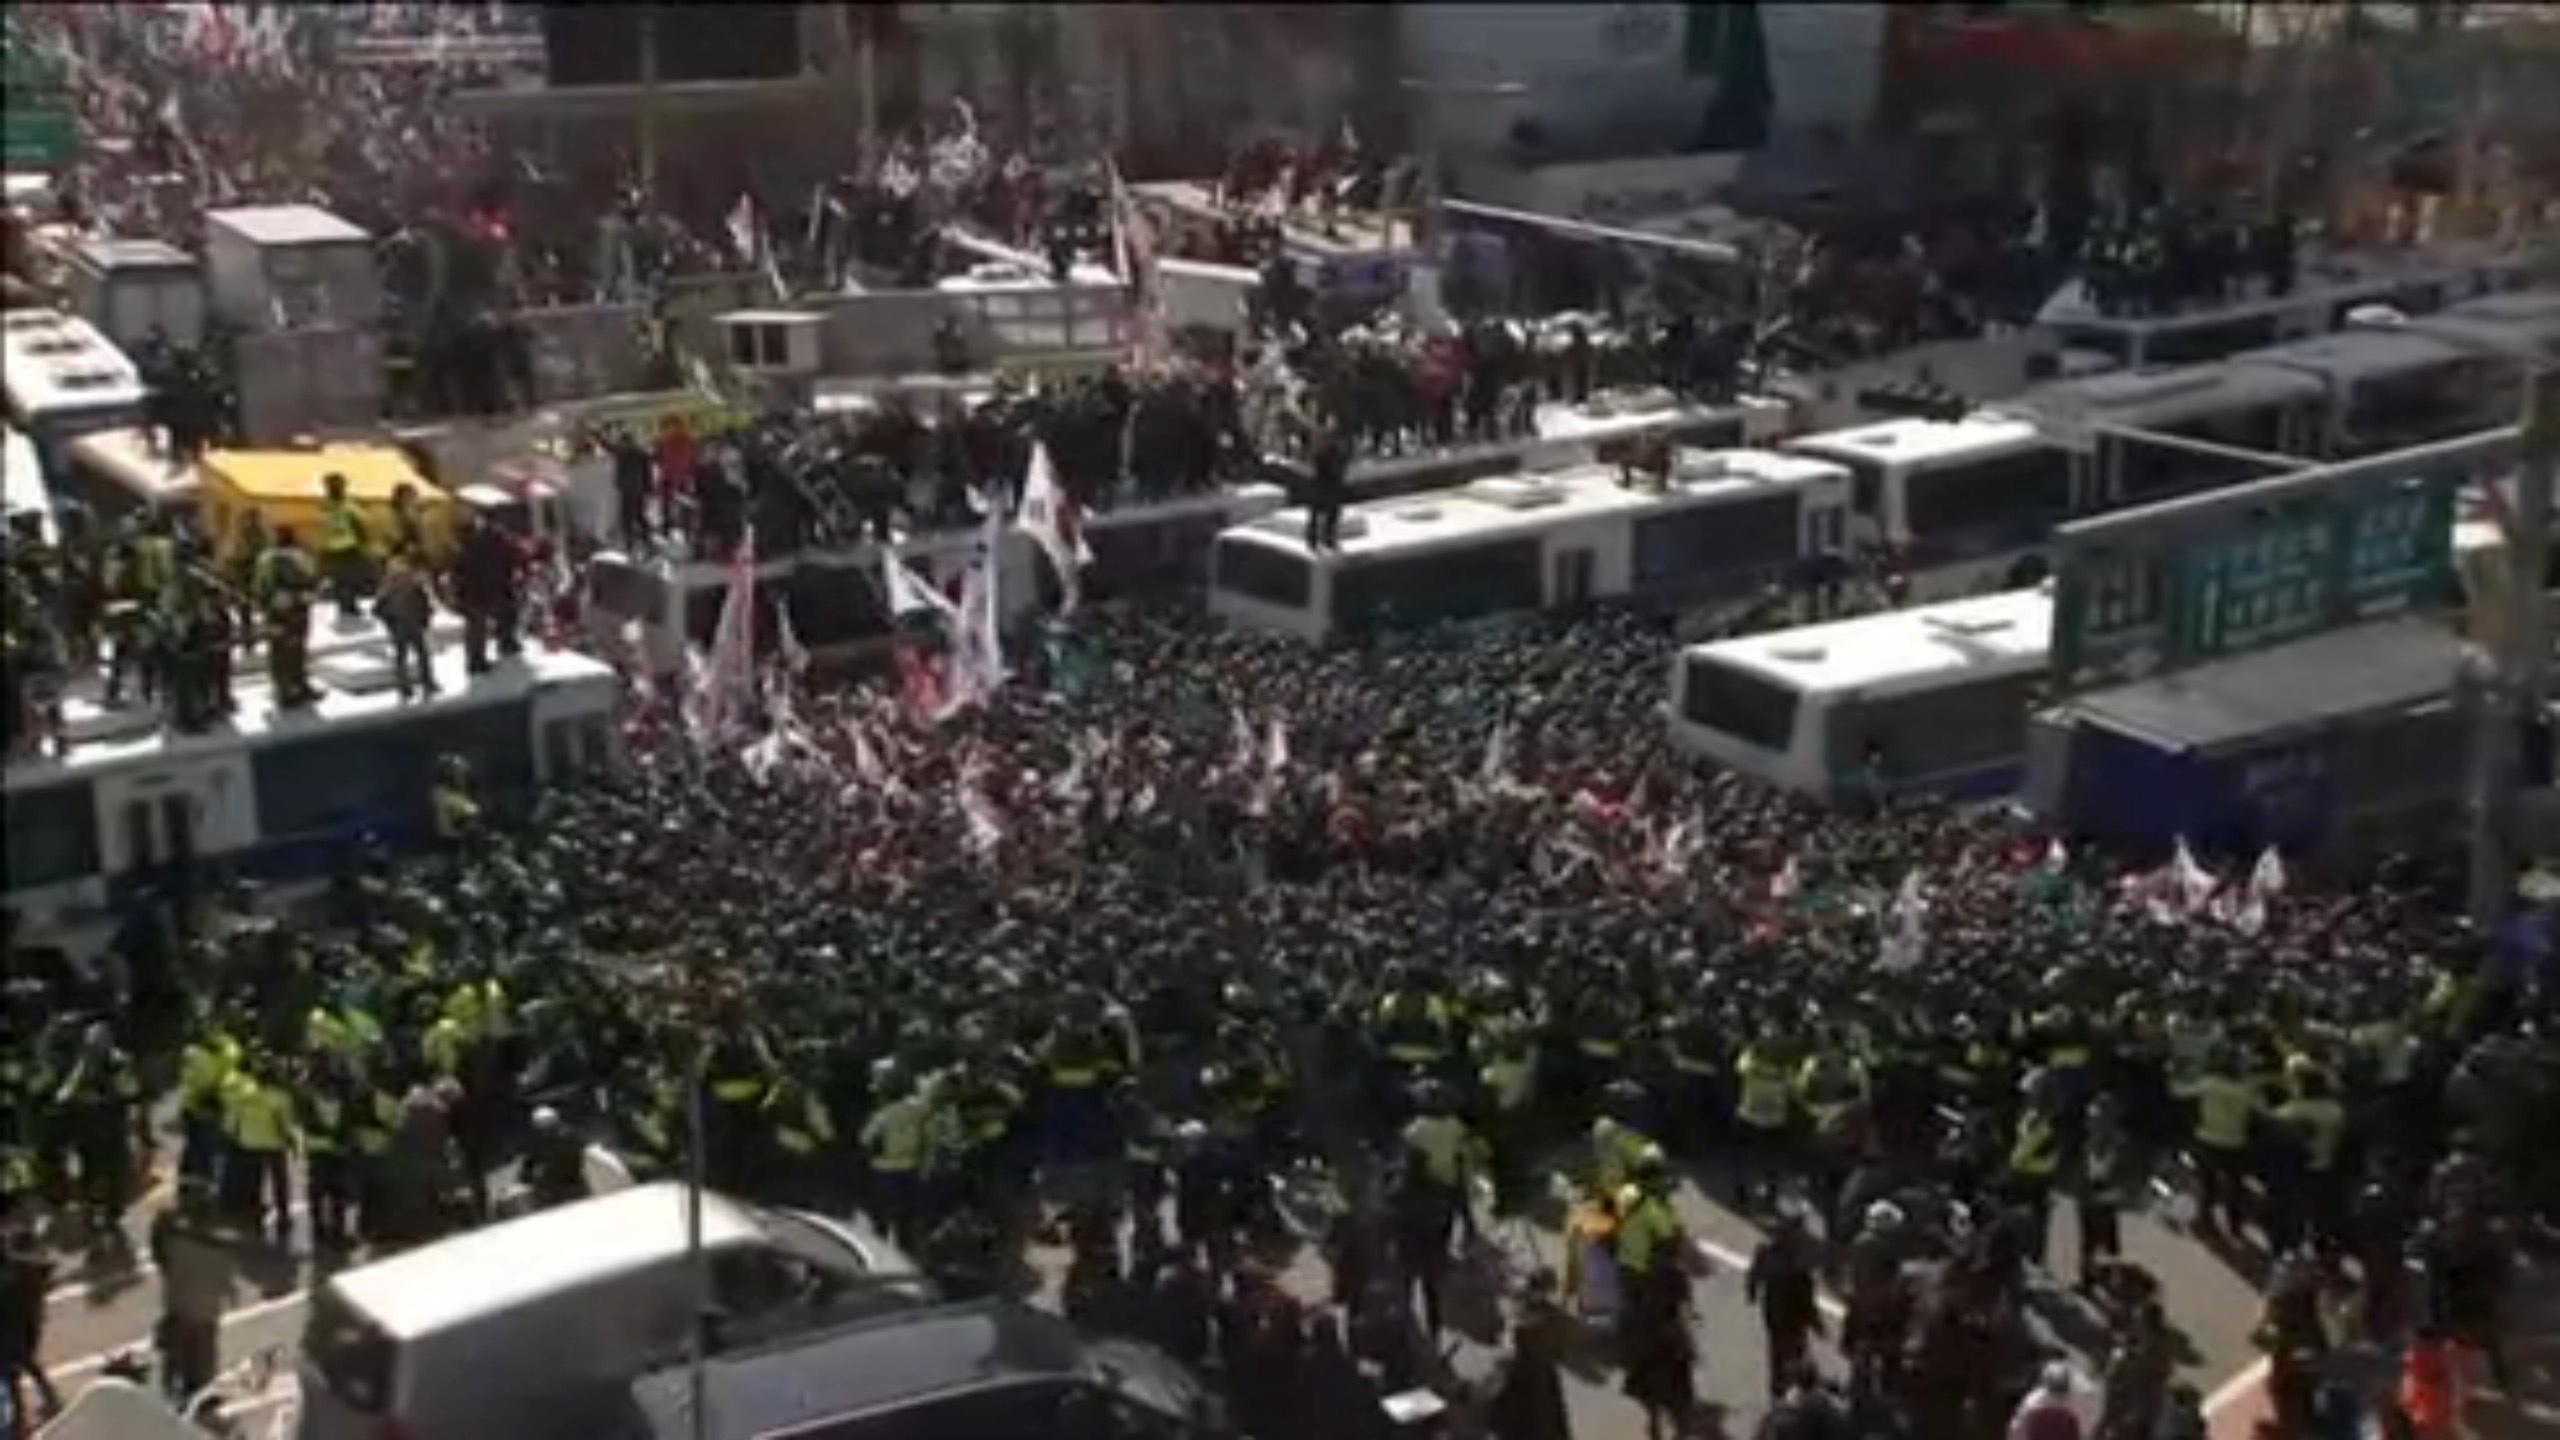 Corée du Sud : destitution officielle de la présidente Park Geun-hye